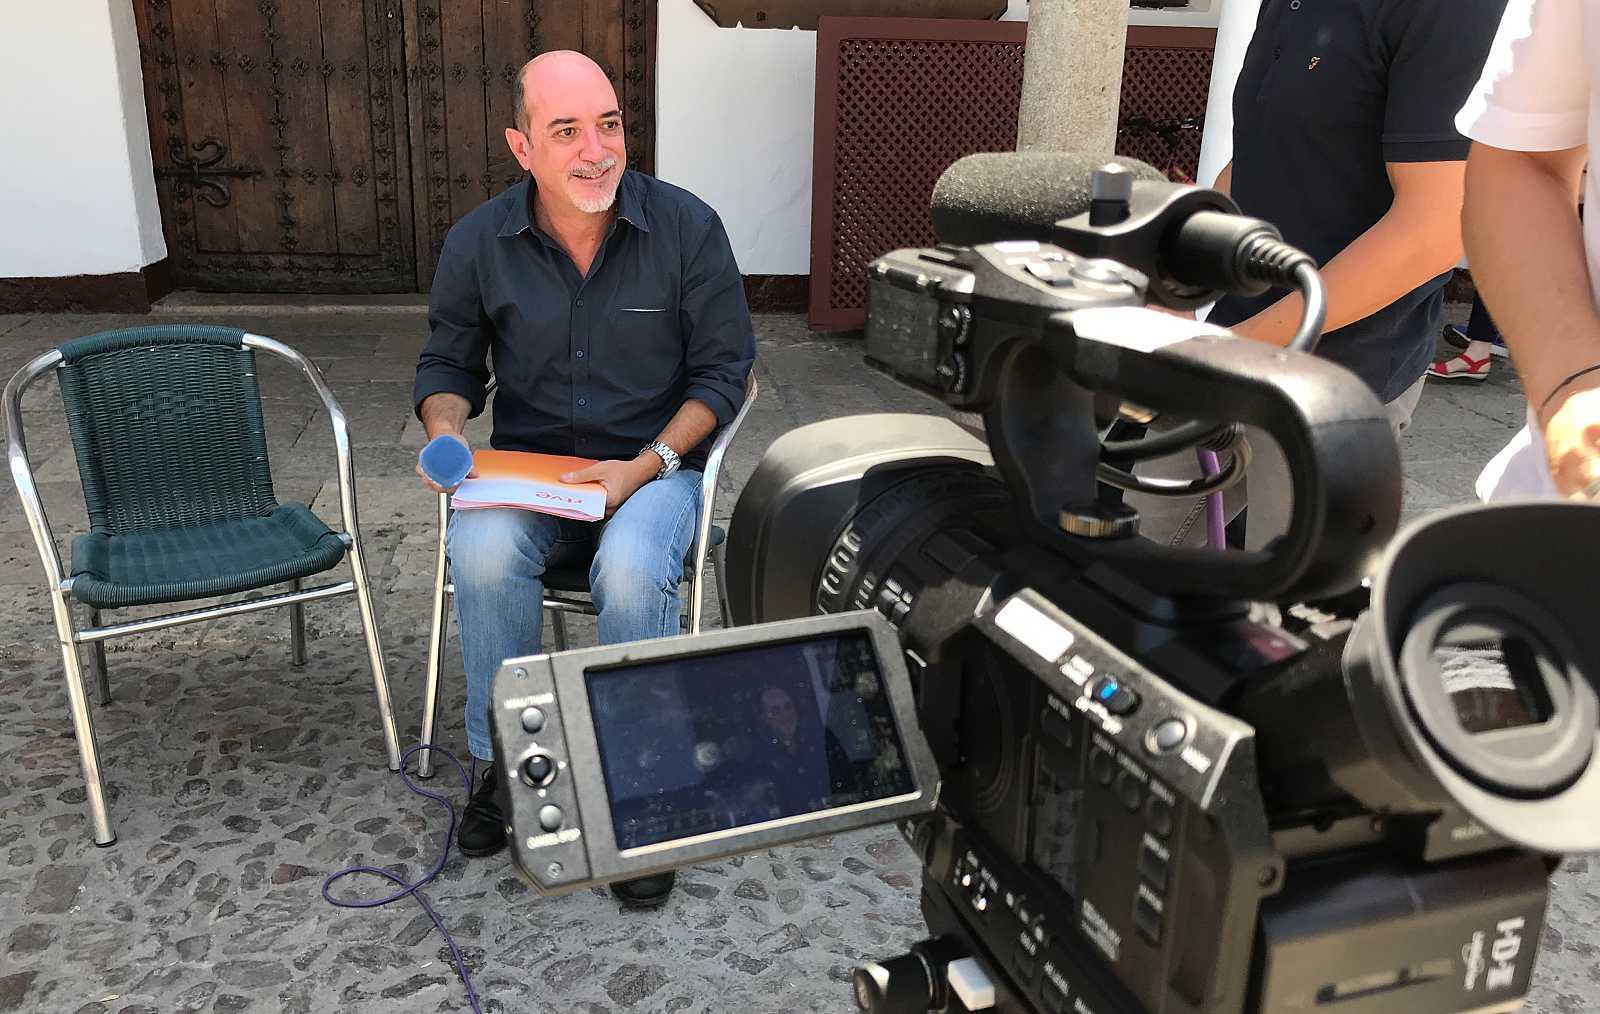 El periodista Carlos de la Morena en una transmisión en directo.